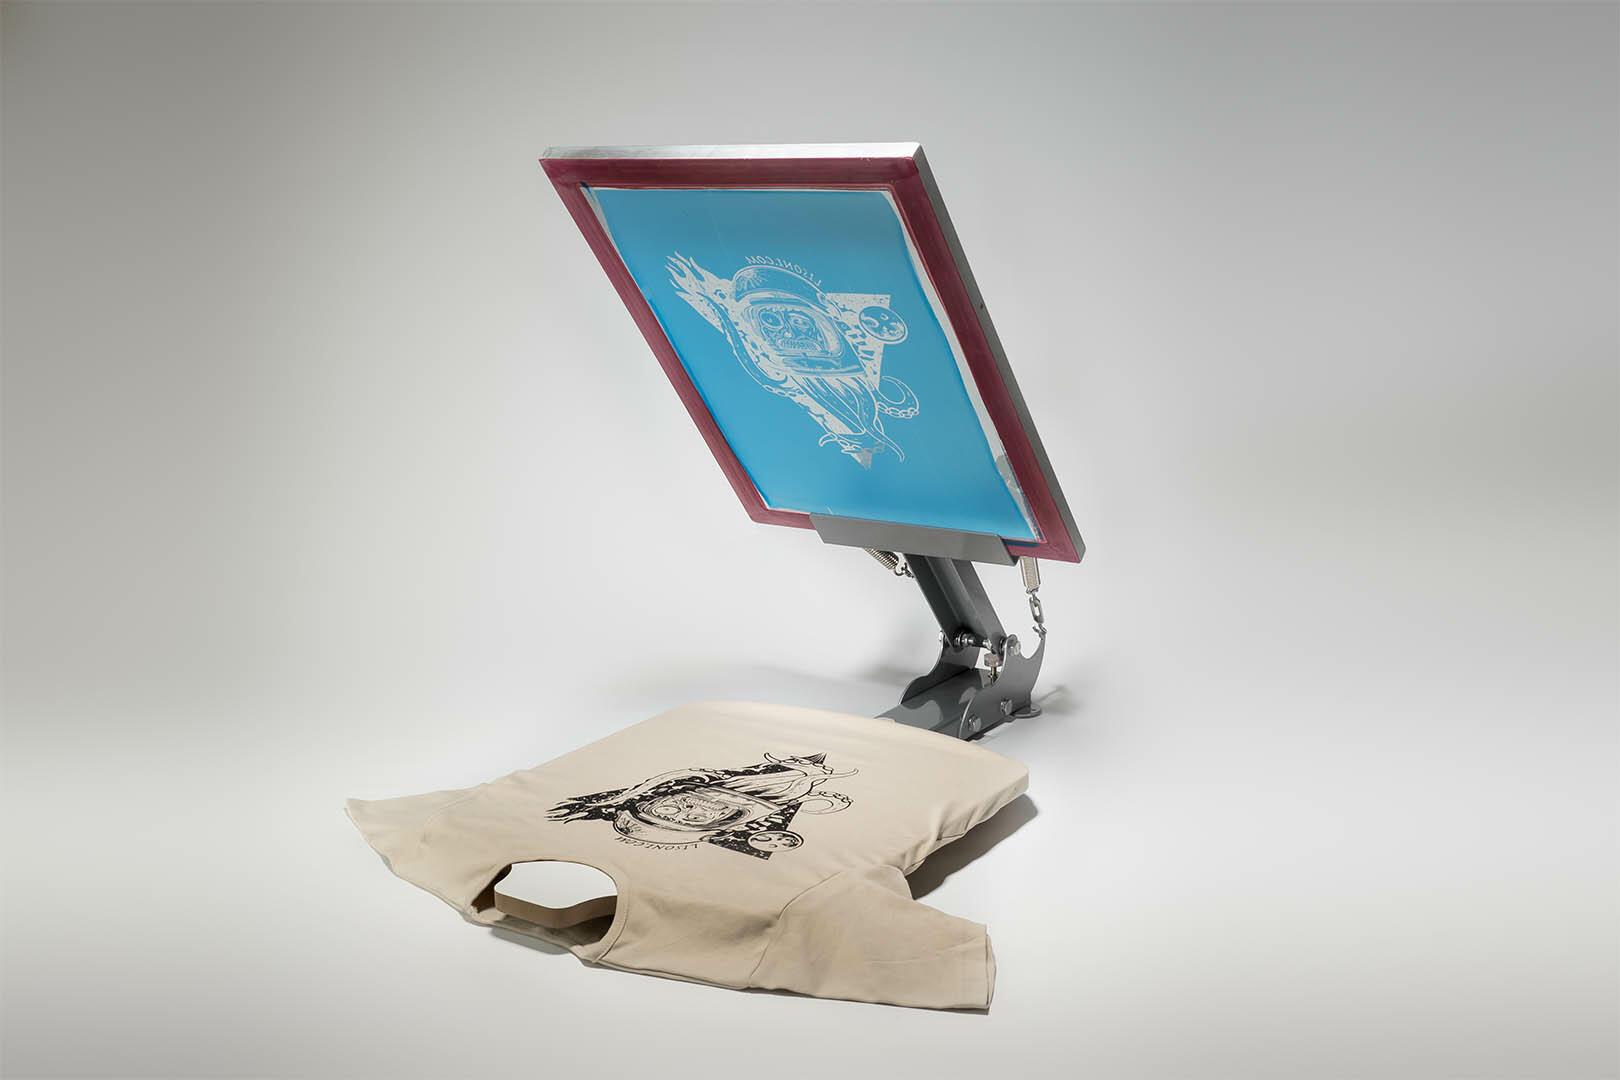 t shirt druckmaschine siebdruck auf textilien. Black Bedroom Furniture Sets. Home Design Ideas